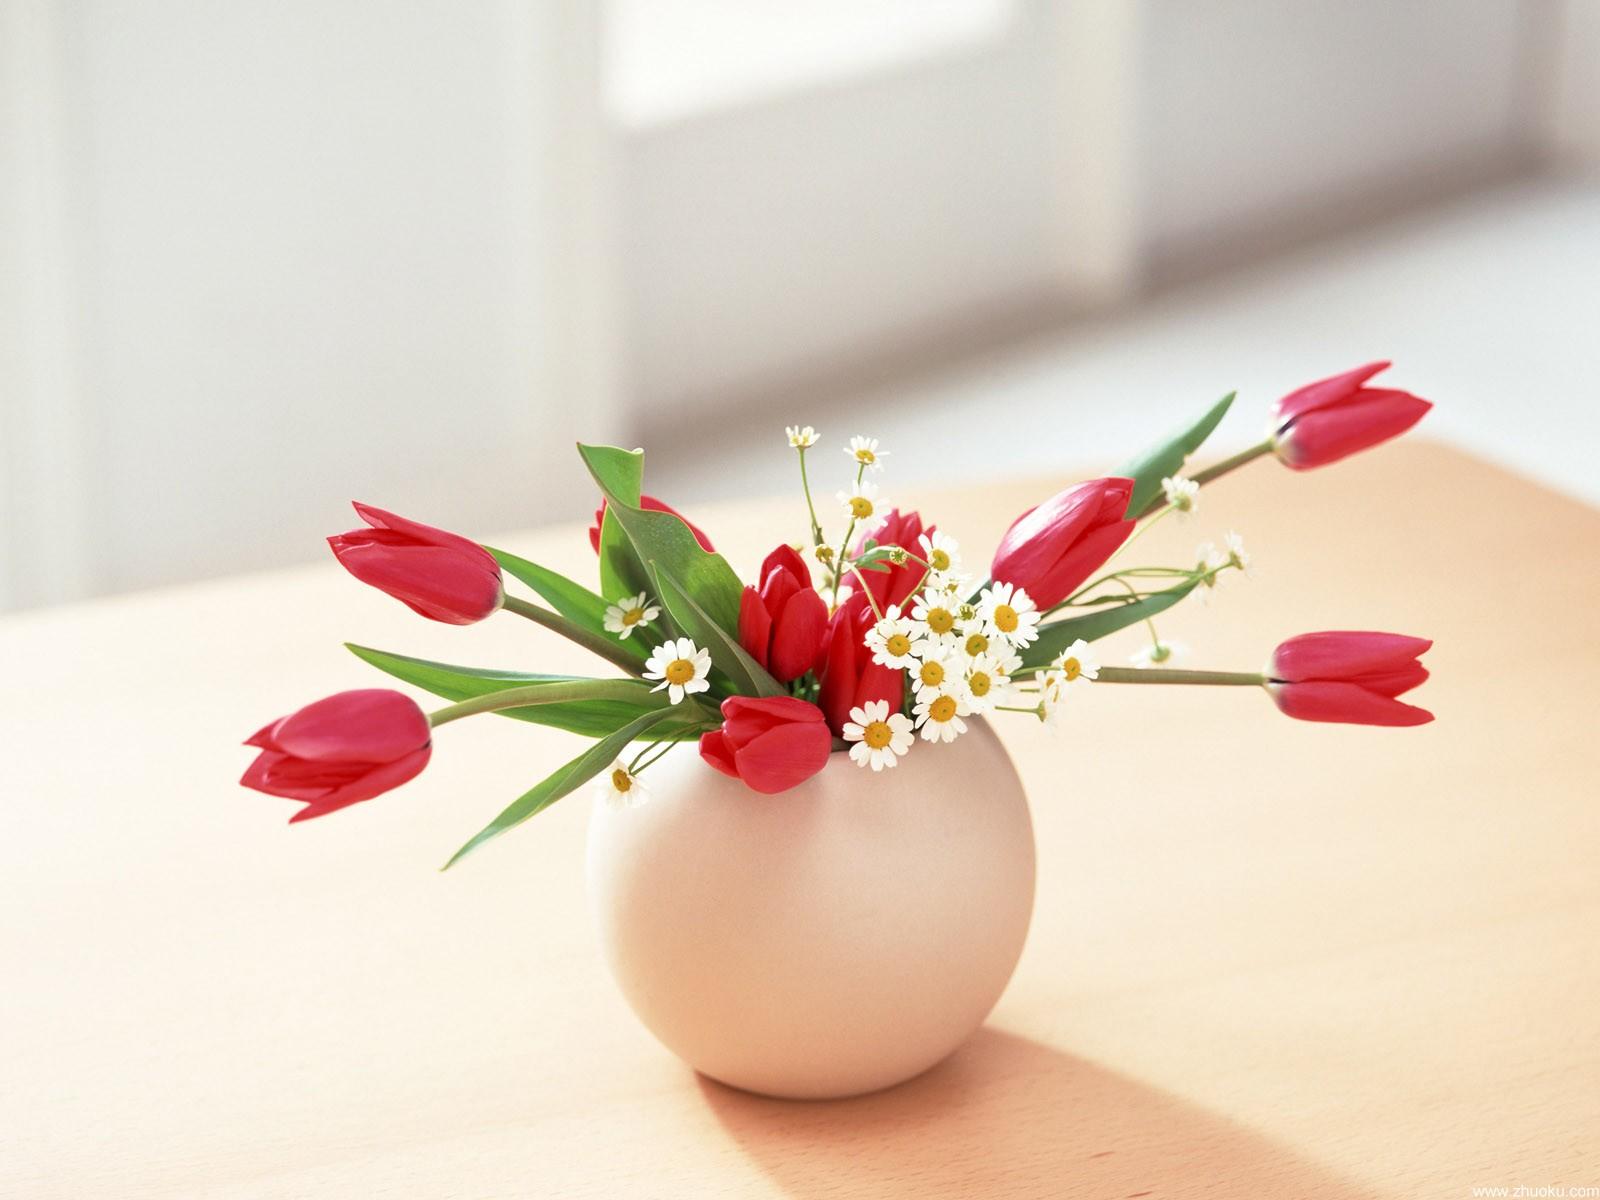 室内唯美花瓶装饰PPT背景图片免费下载是由PPT宝藏(www.pptbz.com)会员zengmin上传推荐的简约PPT背景图片, 更新时间为2017-01-21,素材编号120573。 花瓶,是一种开放性容器,经常用来盛载花卉。制造花瓶的材料包括瓷、陶瓷和玻璃。瓶身经常被各种花纹装饰,来增加它的美观。 花瓶的英文翻译是:Vase花瓶是一种器皿,多为陶瓷或玻璃制成,外表美观光滑;名贵者有水晶等昂贵材料制成 用来盛放花枝的美丽植物,花瓶底部通常盛水,让植物保持活性与美丽。 现代的家居装饰品,仅仅实用是不够的